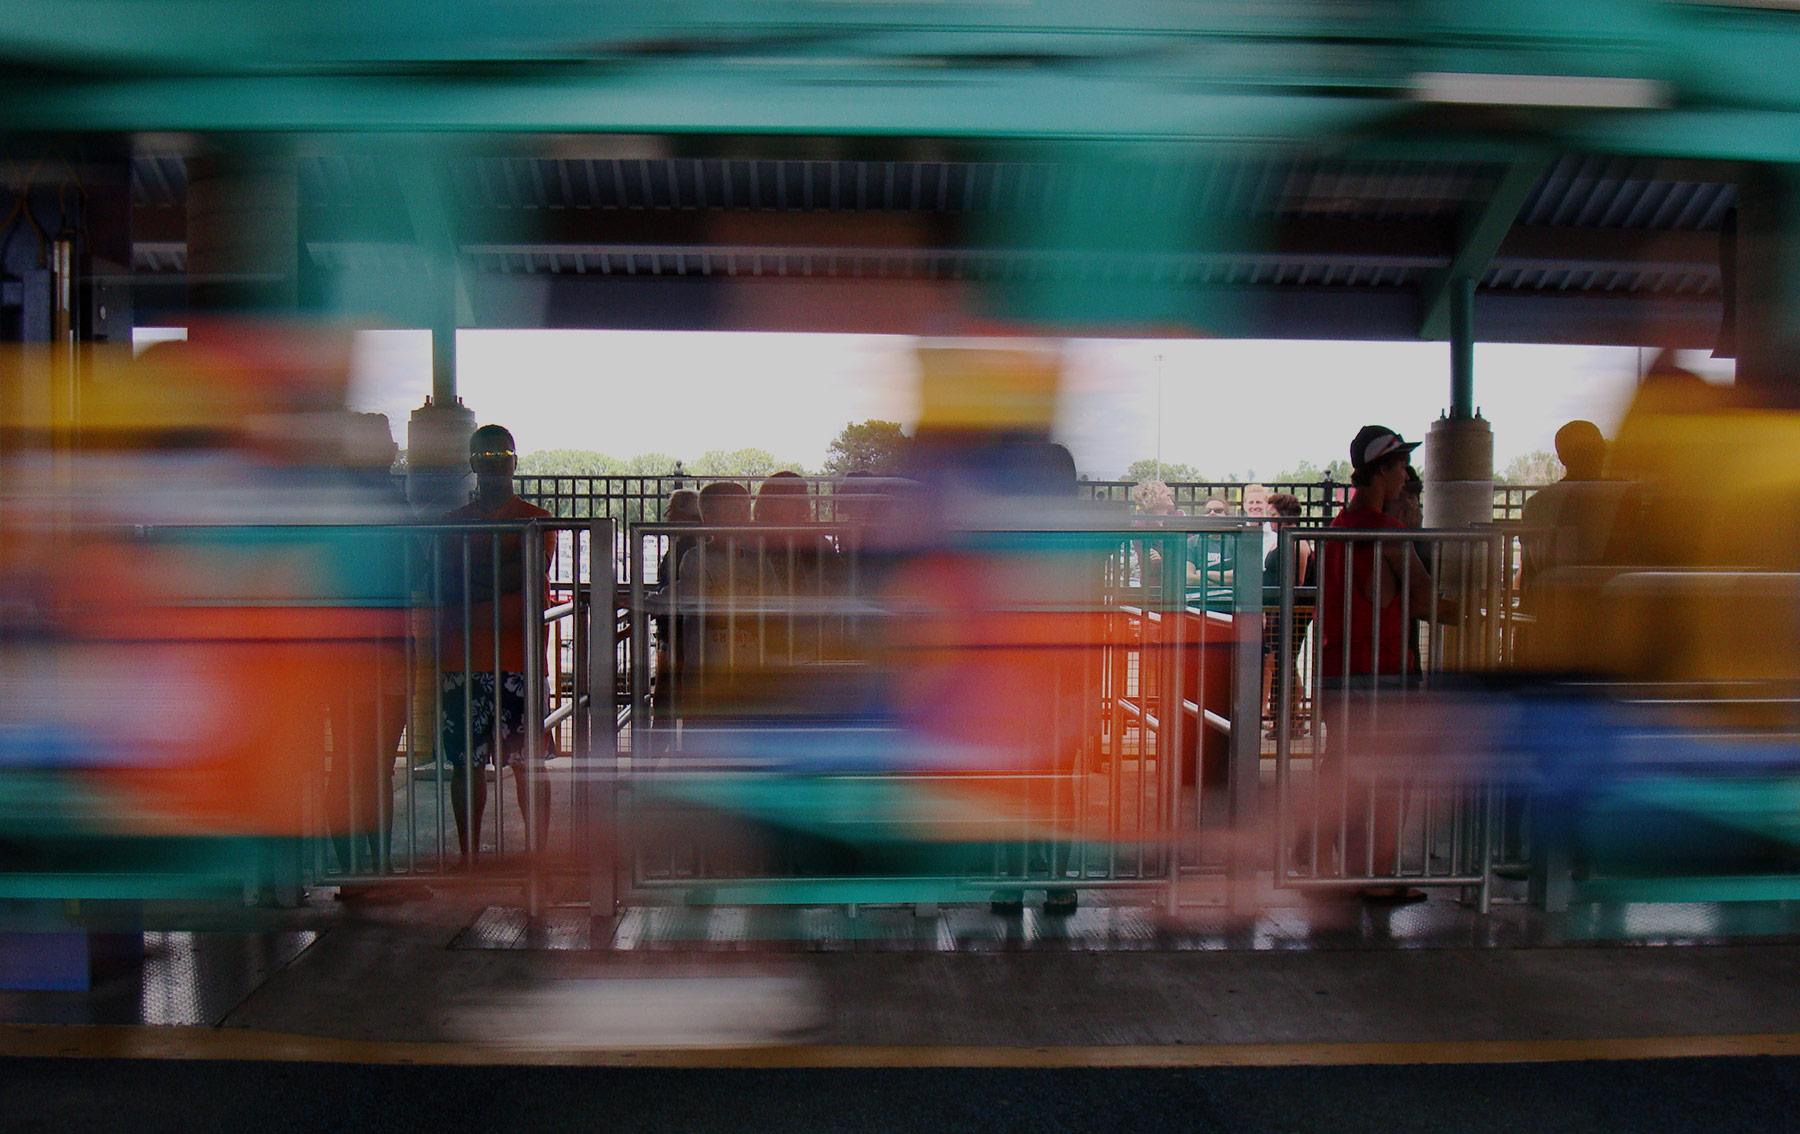 Valleyfair Steel Venom Rollercoaster